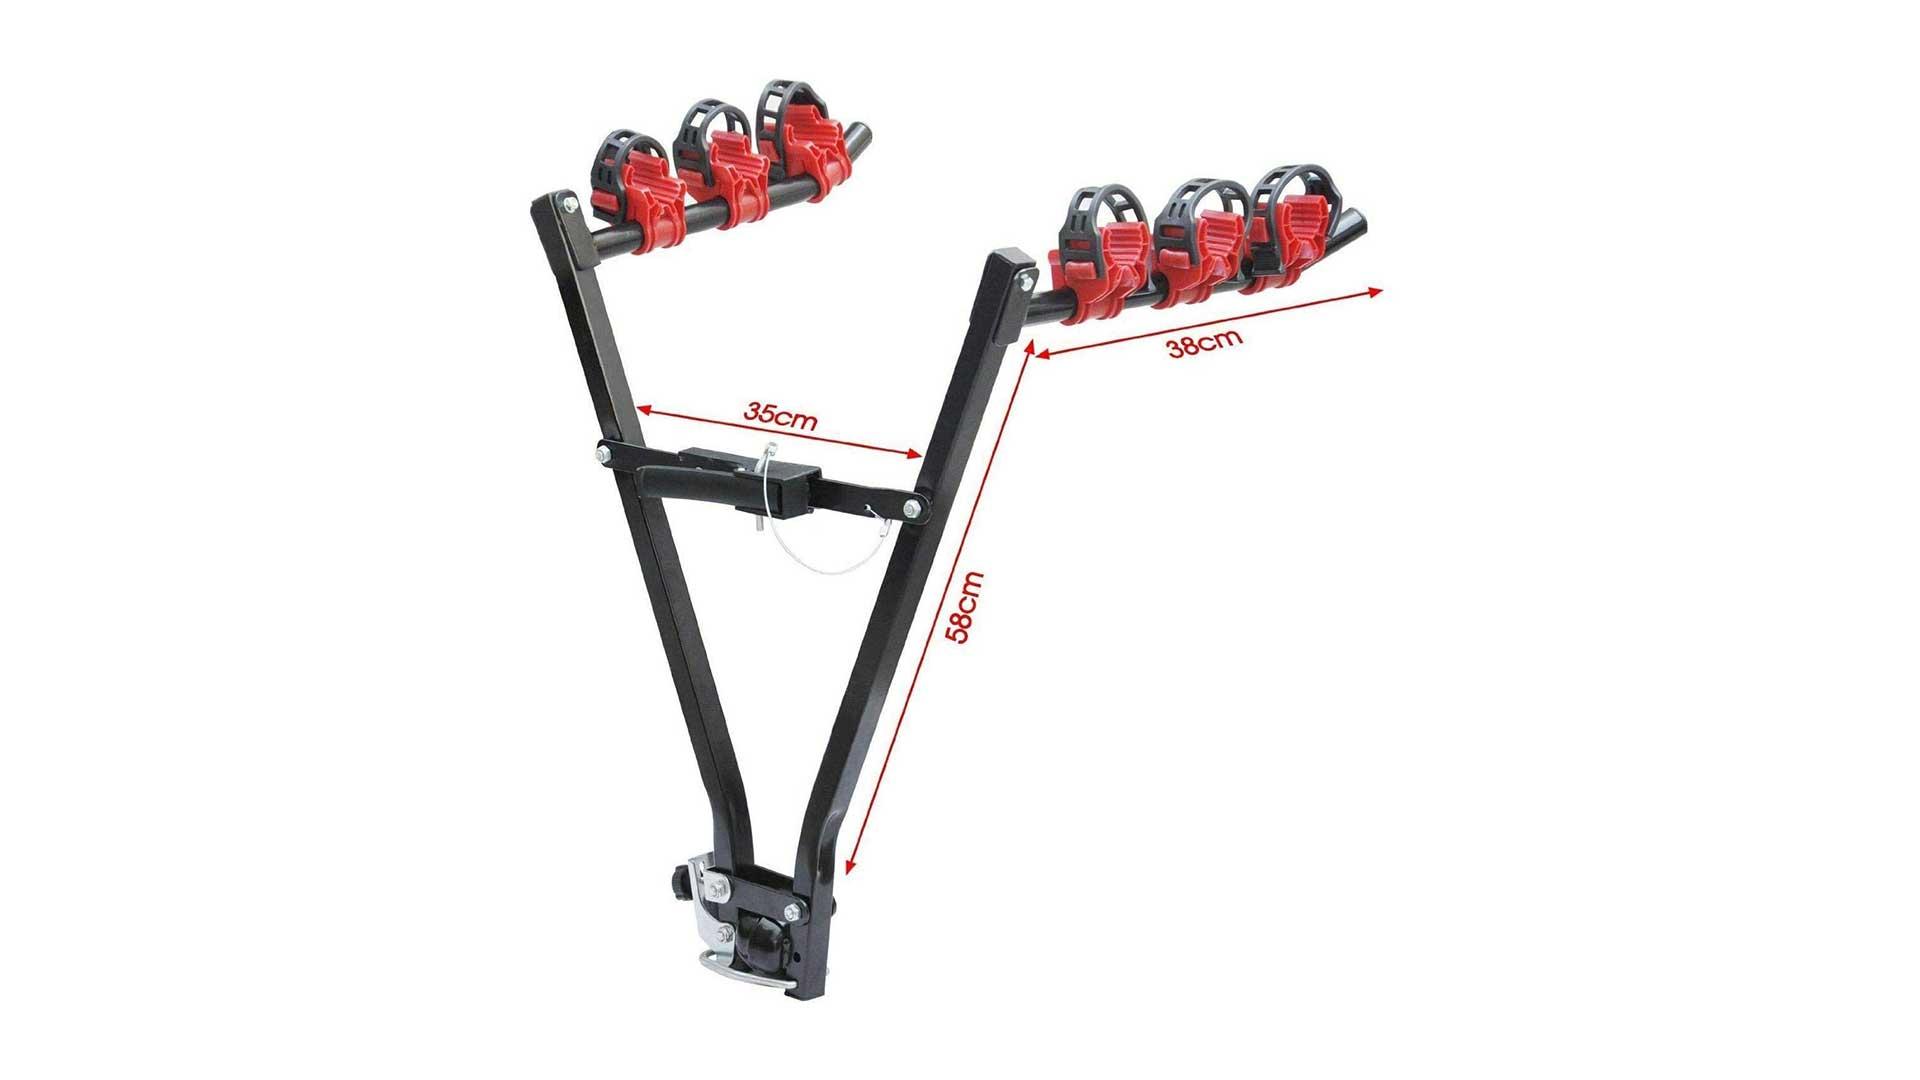 aleawol towbar mounted bike rack al-028-1